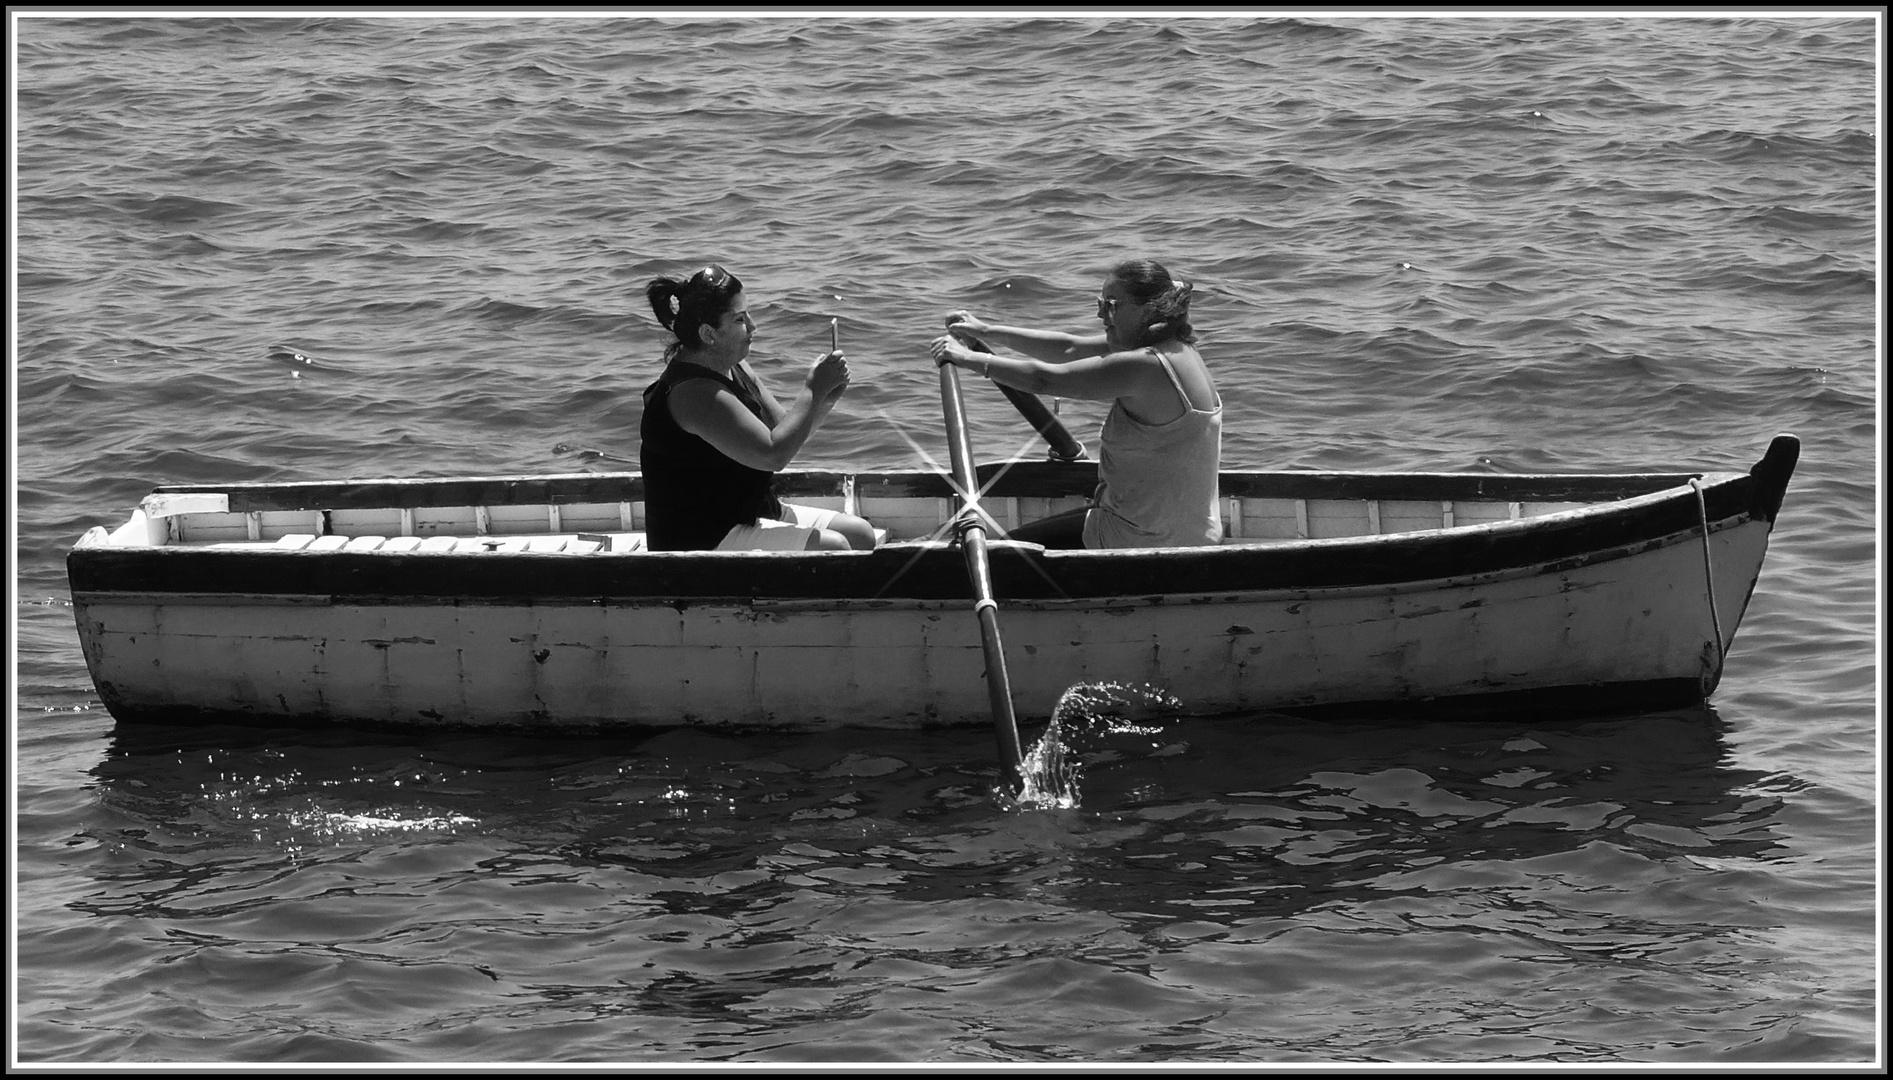 Selfie on the sea